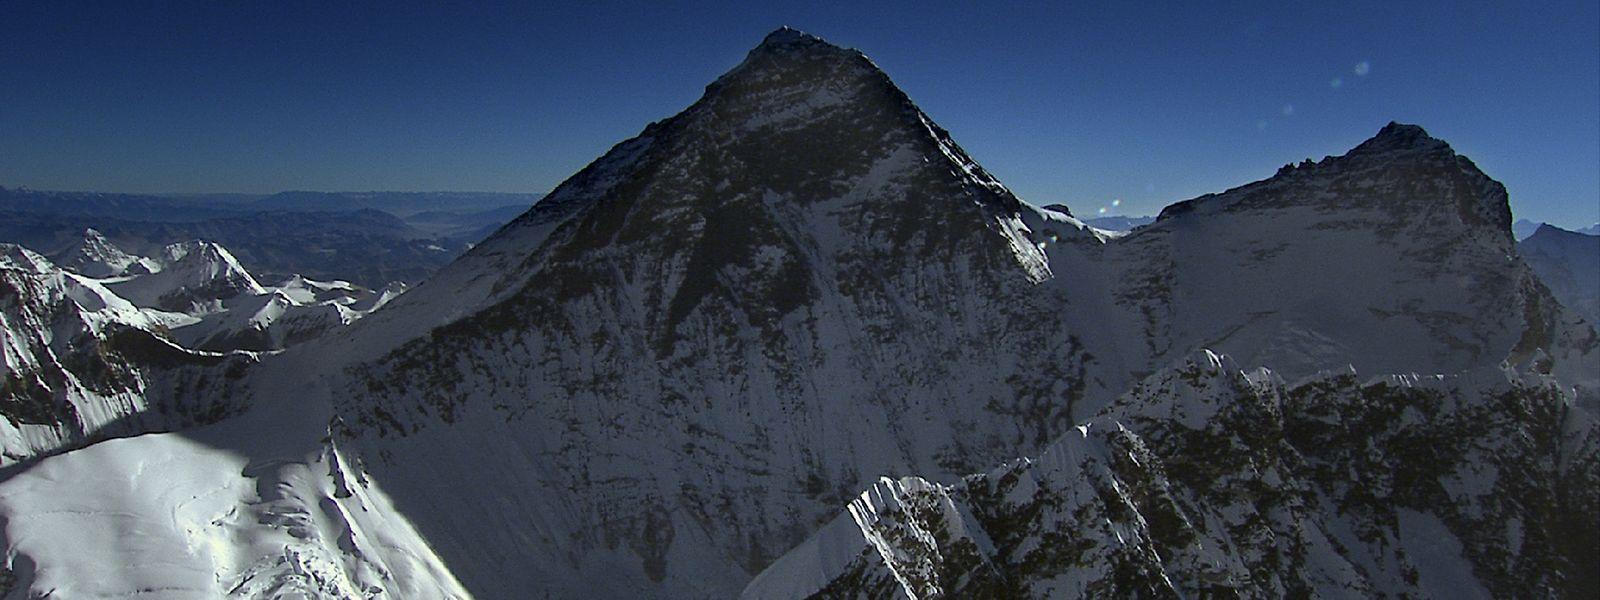 Für manche ein Lebenstraum: Einmal auf dem höchsten Gipfel der Erde zu stehen.